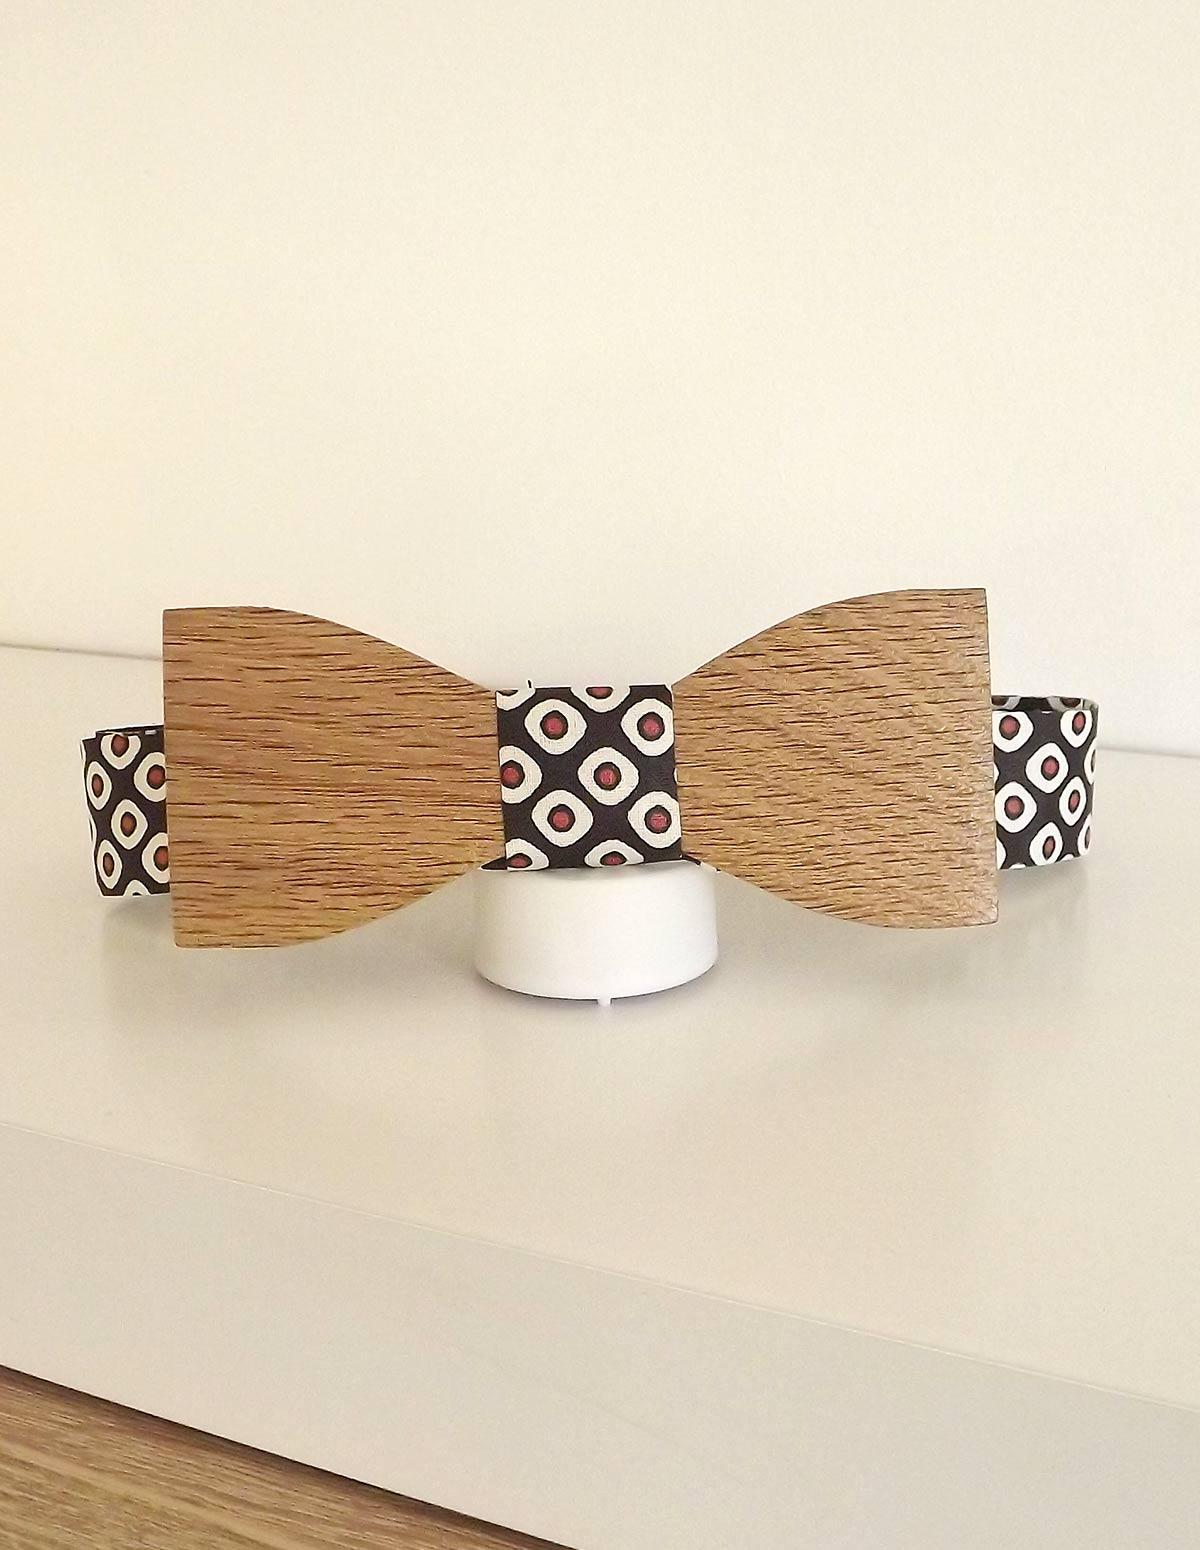 Ruban fantaisie à utiliser avec un noeud papillon en bois. Elégant et original.